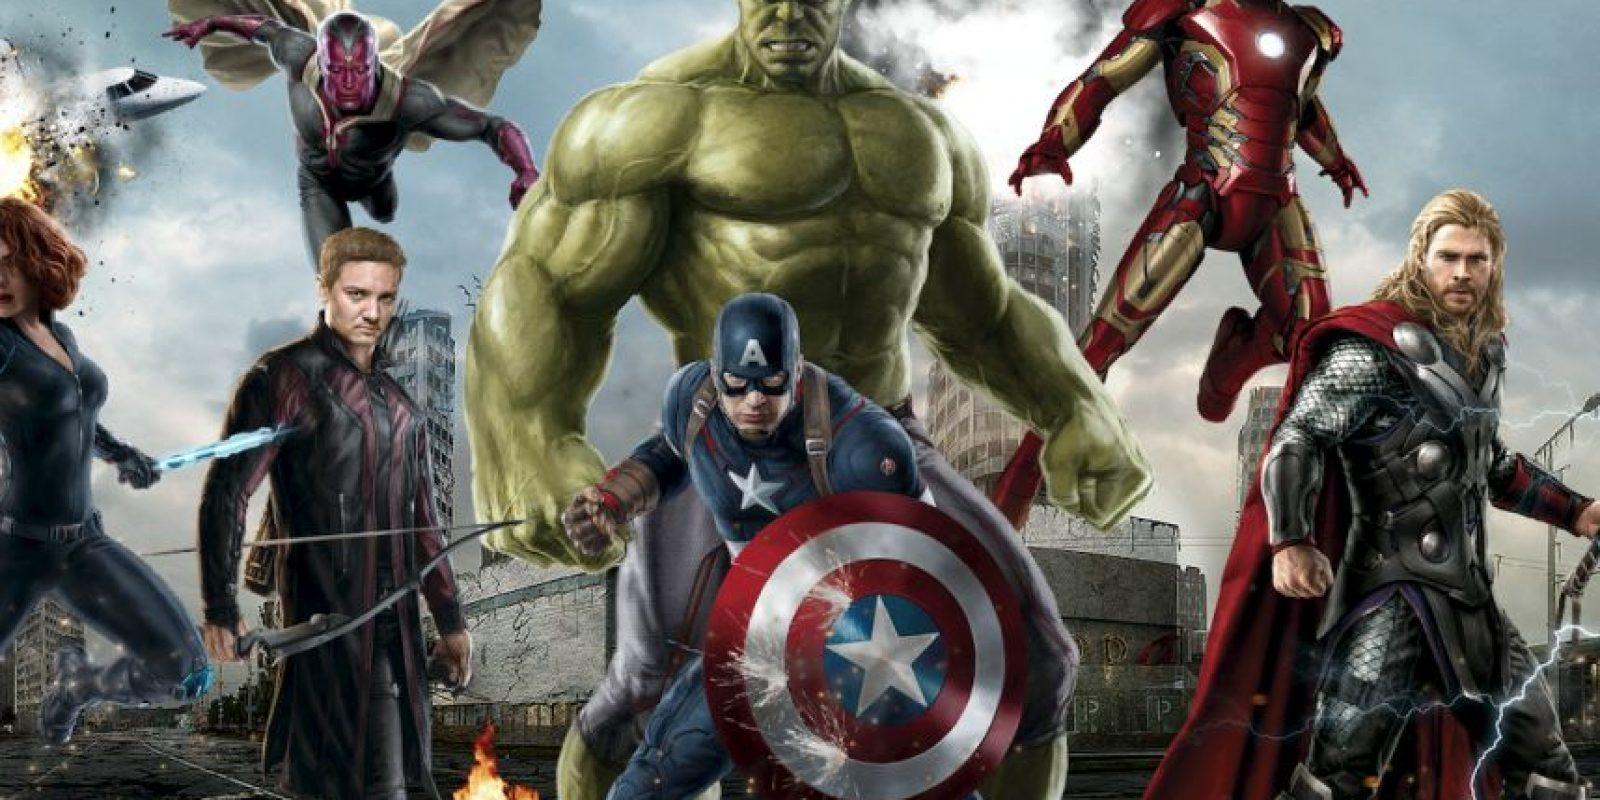 También verán la capacidad de liderazgo y la importancia de cada uno en el equipo para películas e historias posteriores. Foto:vía Marvel